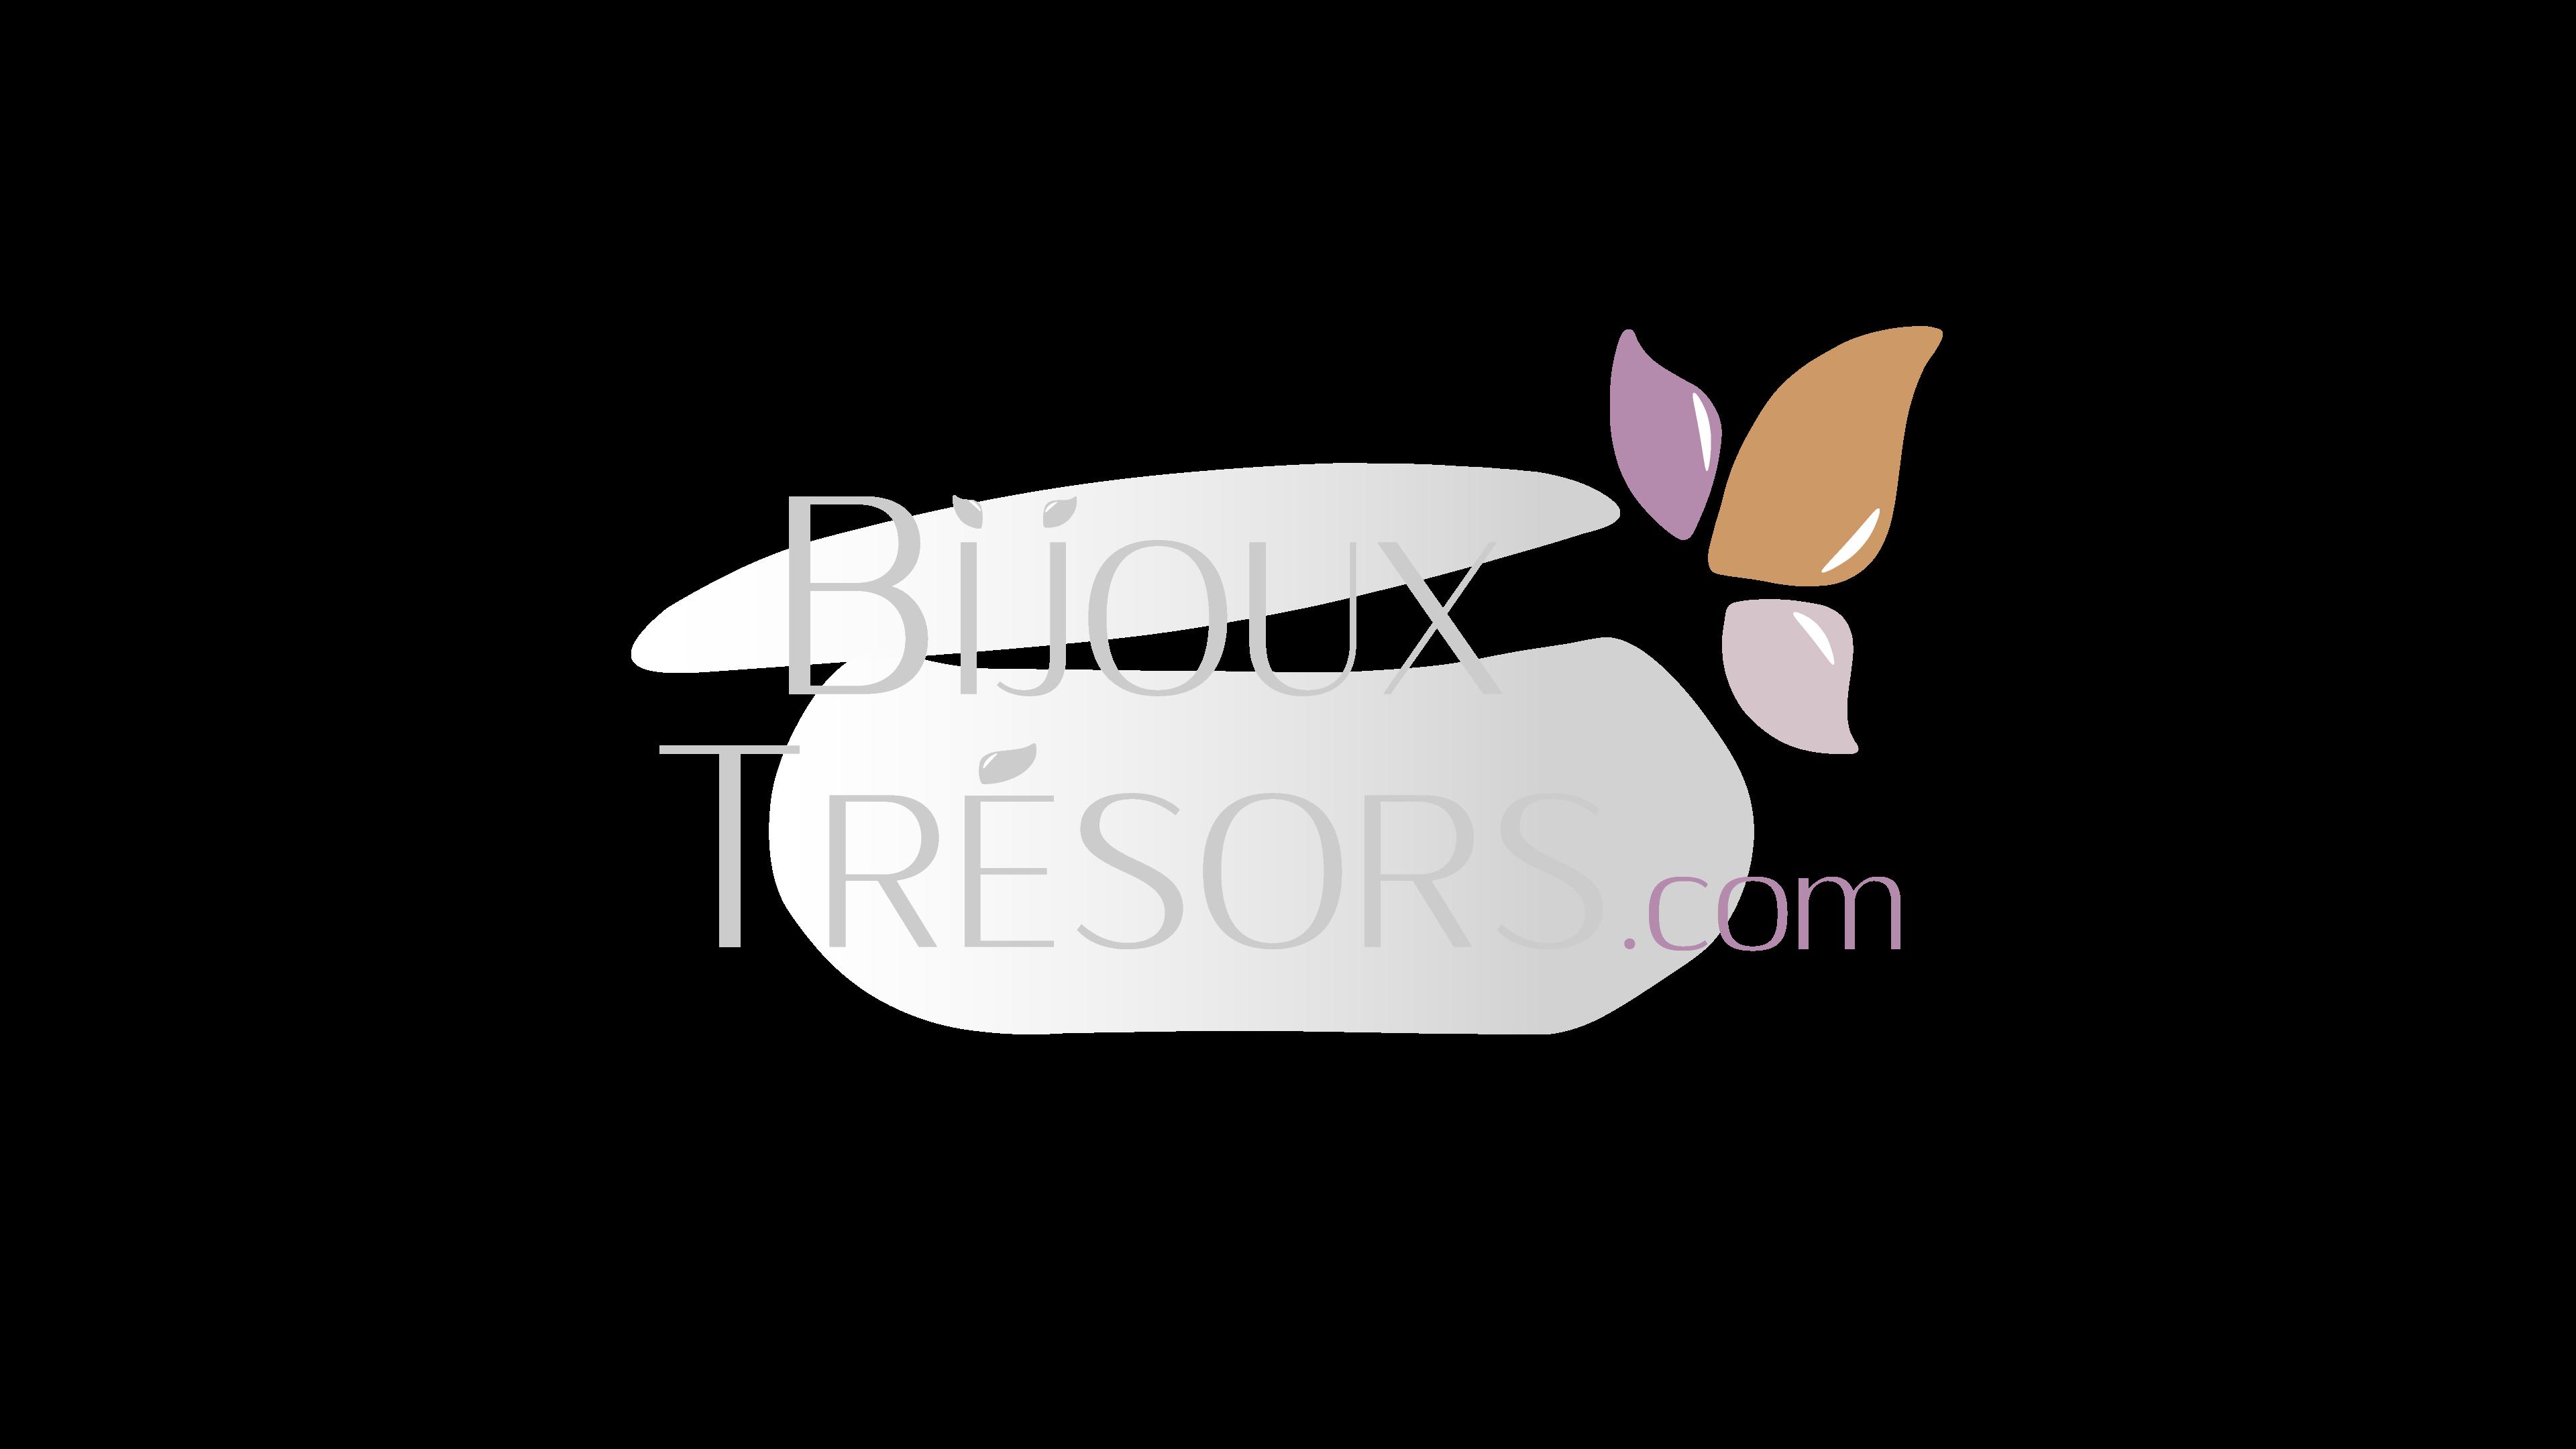 bijouxtresors.com